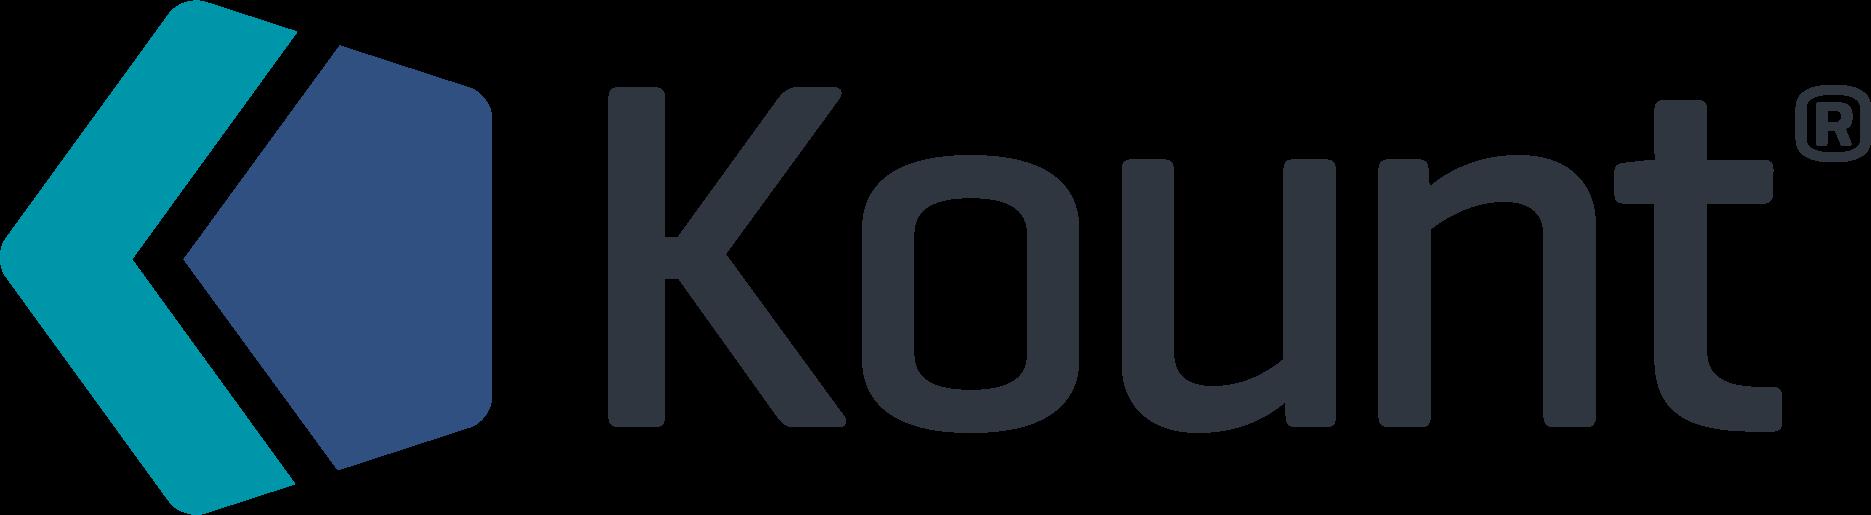 Kount - PARTNER ACQUISITION MANAGER-AU